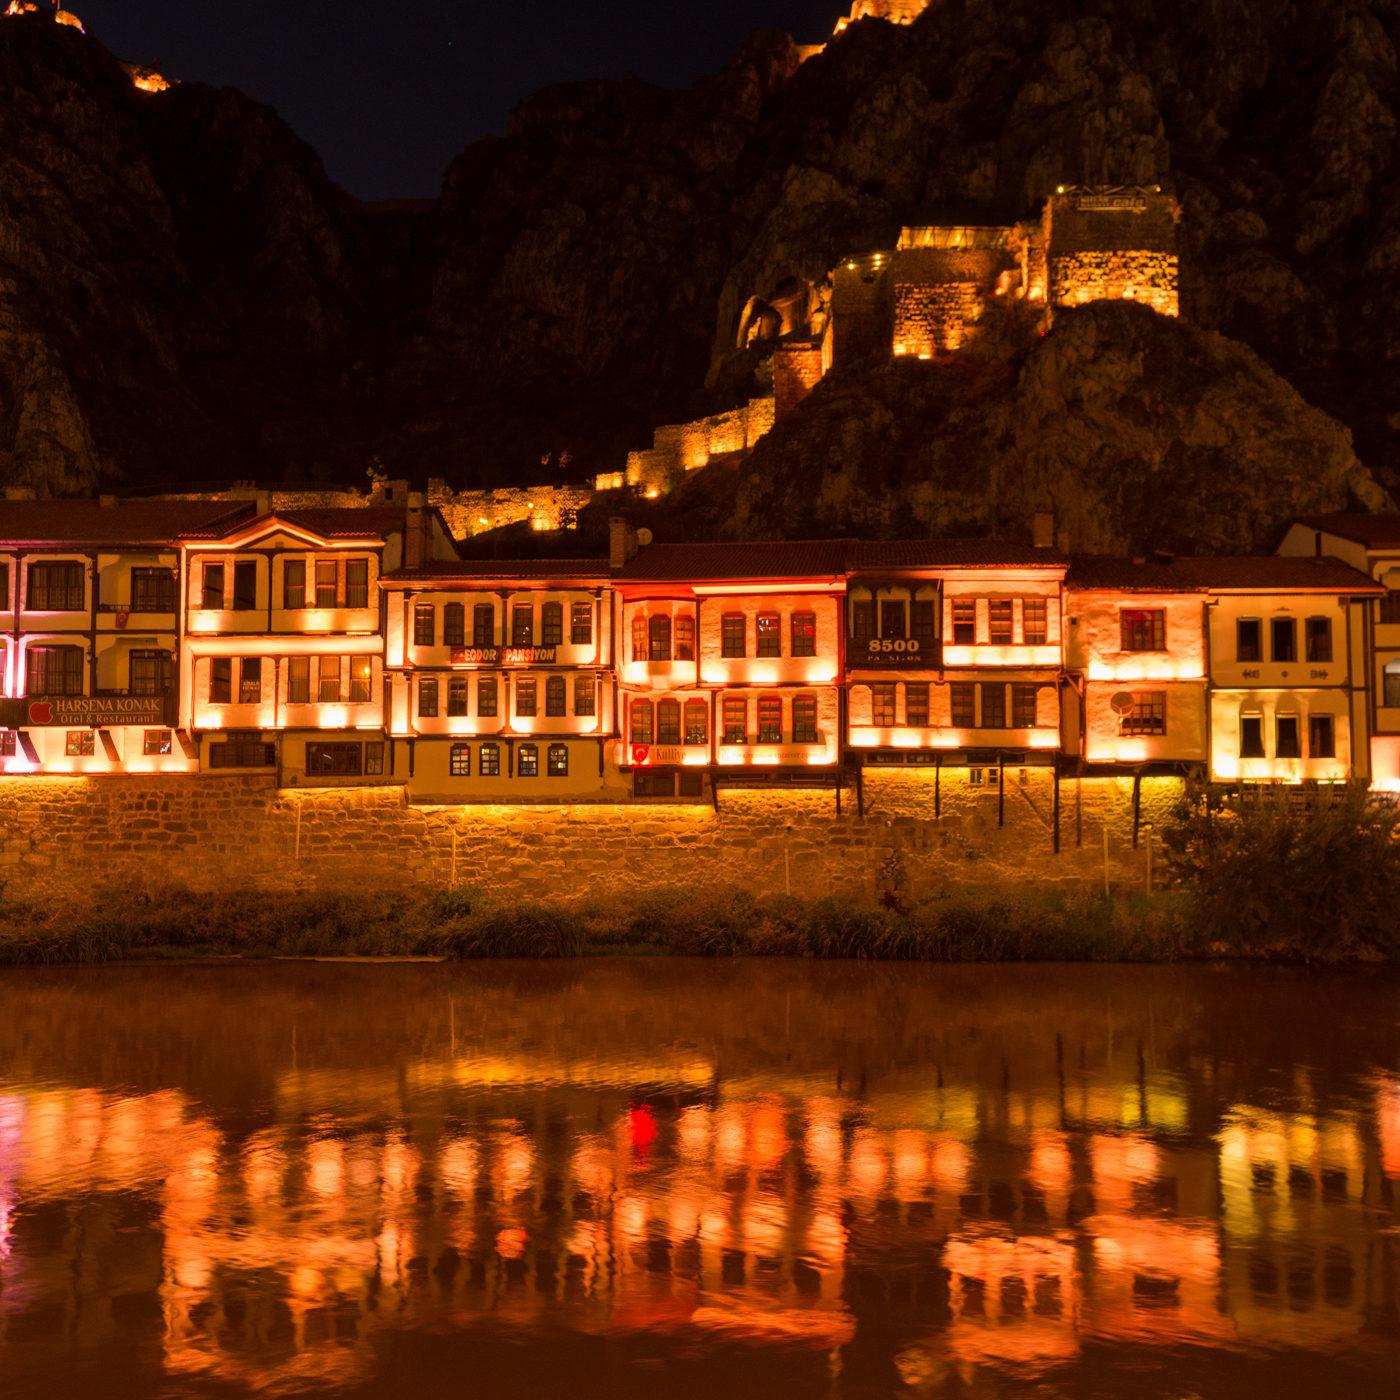 AMASYA / アマスヤの町は切り立った崖に挟まれ、町の中央を小さな川が流れる。日暮れになると旧市街は電飾され、日中と異なる姿を見せる。オレンジ色のイルミネーション。